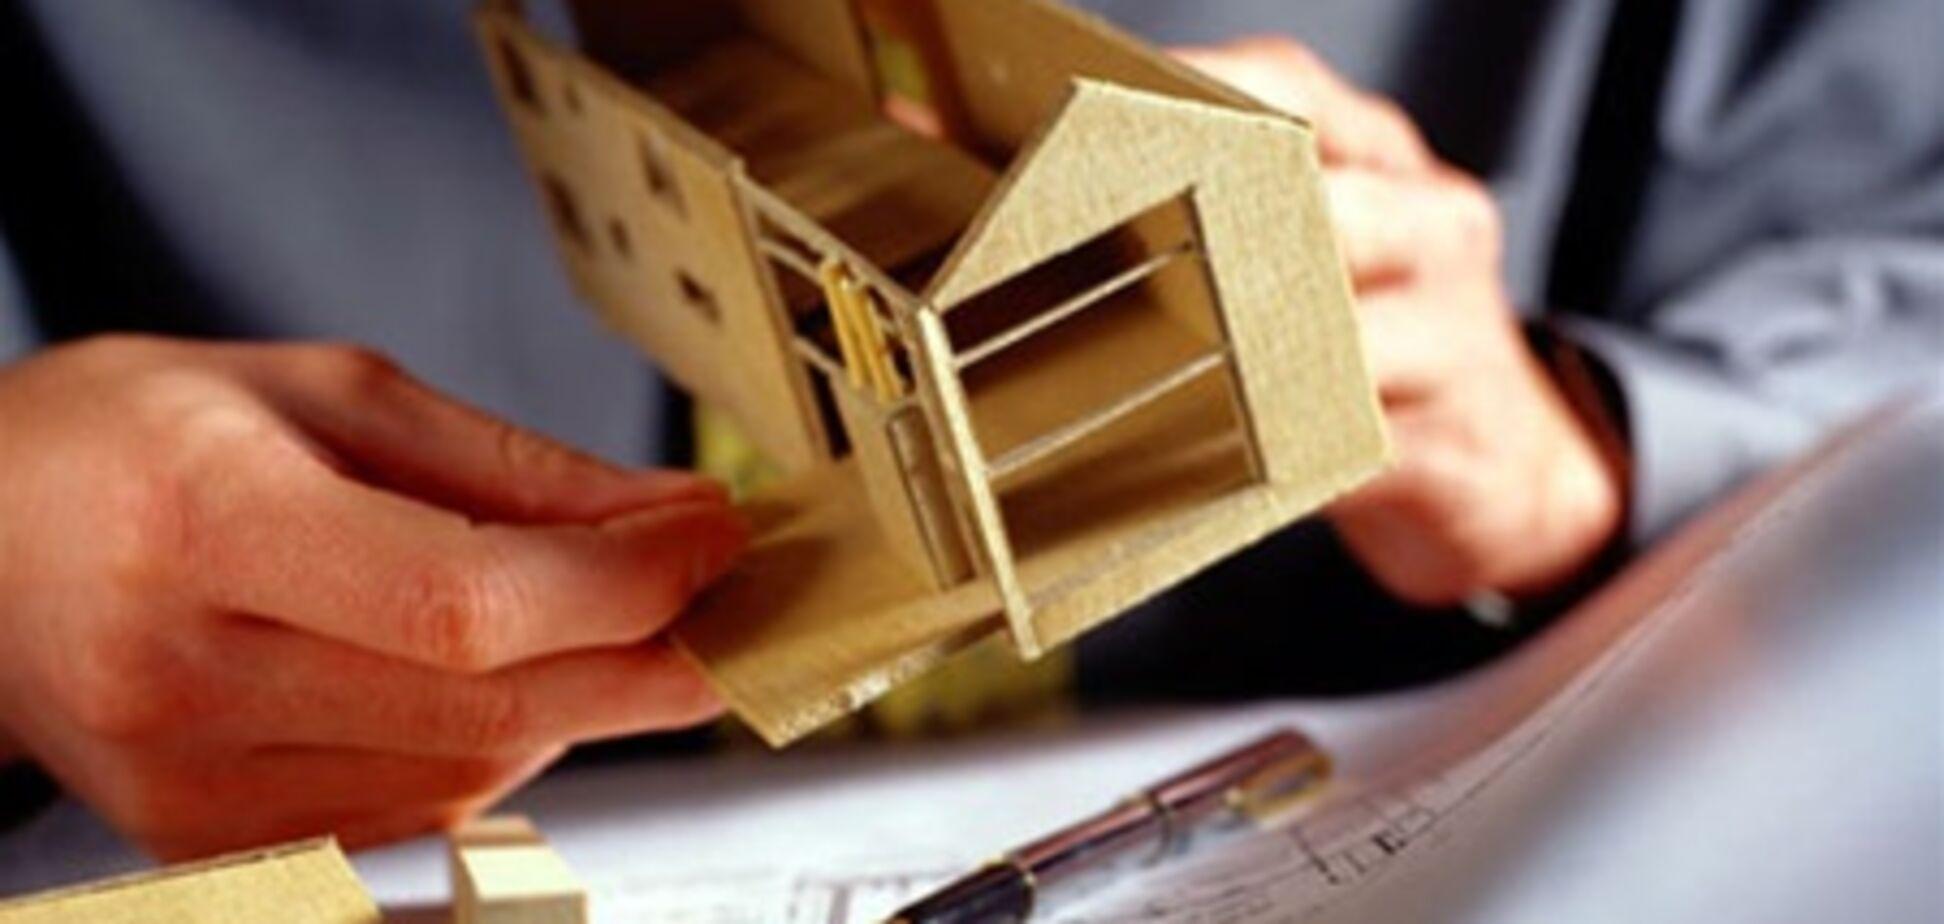 Как начать инвестировать в недвижимость - советы эксперта